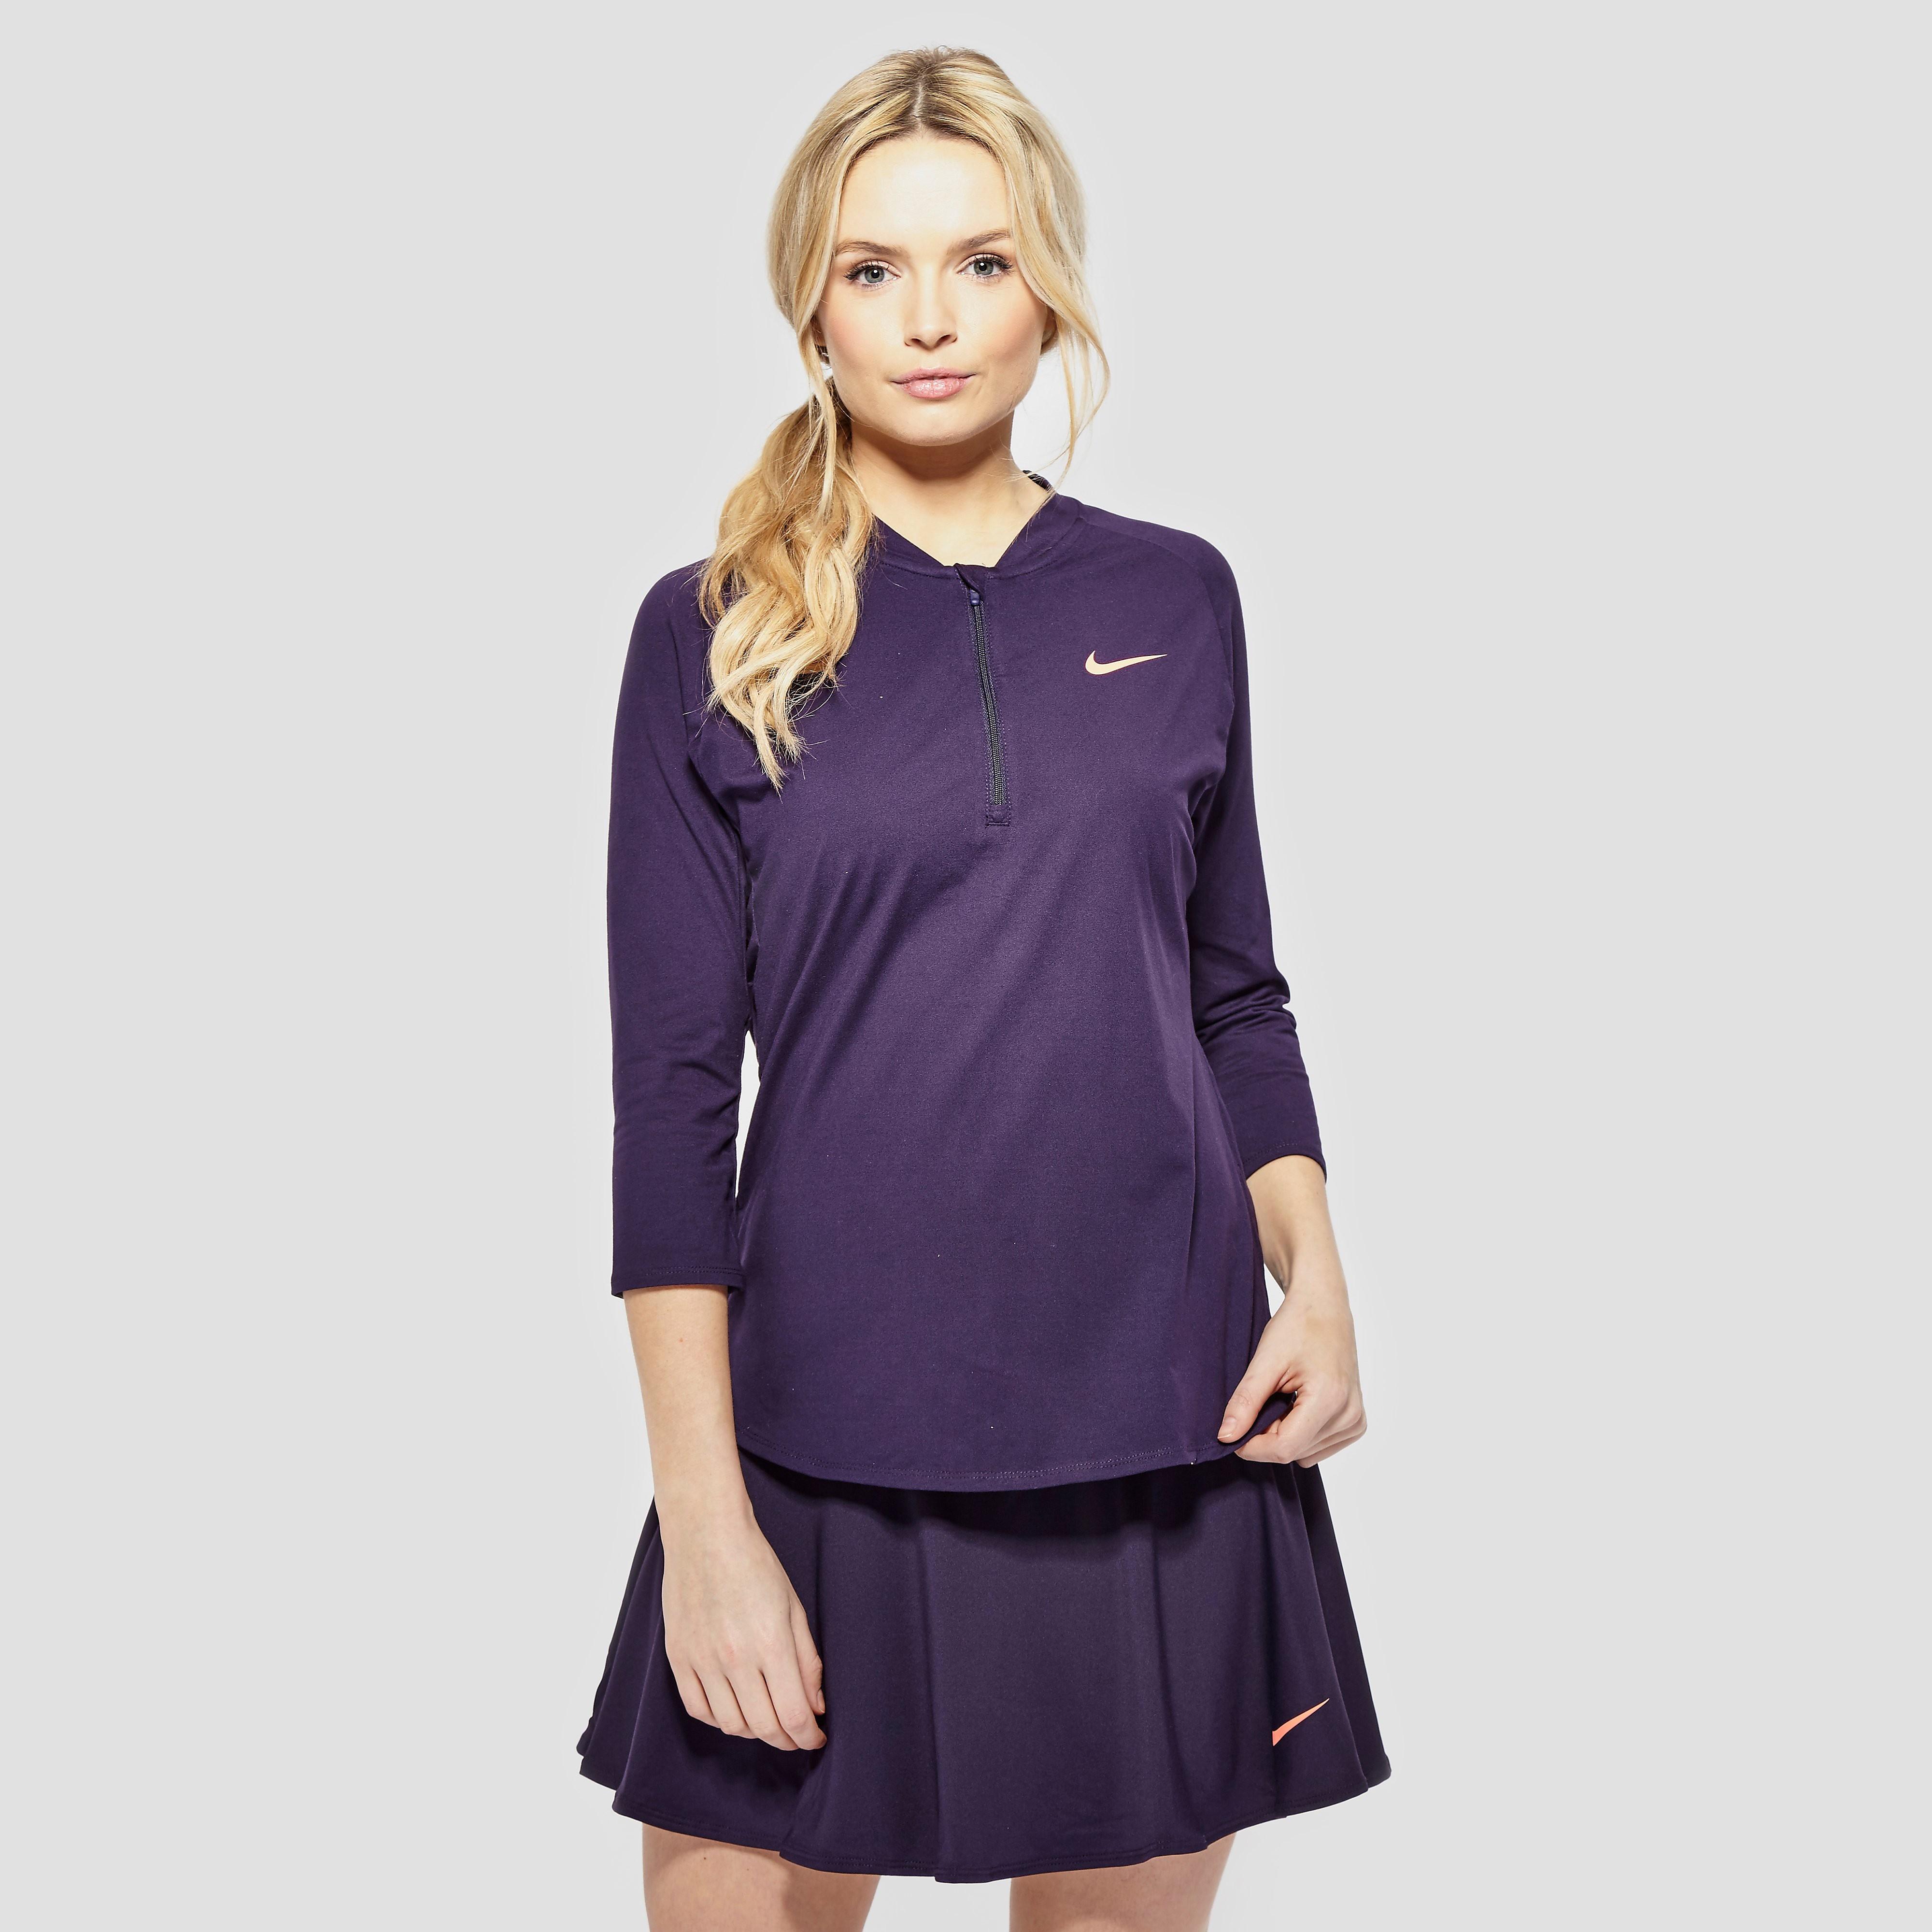 Nike Court Dry Women's 3/4 Sleeve Half-Zip Tennis Top